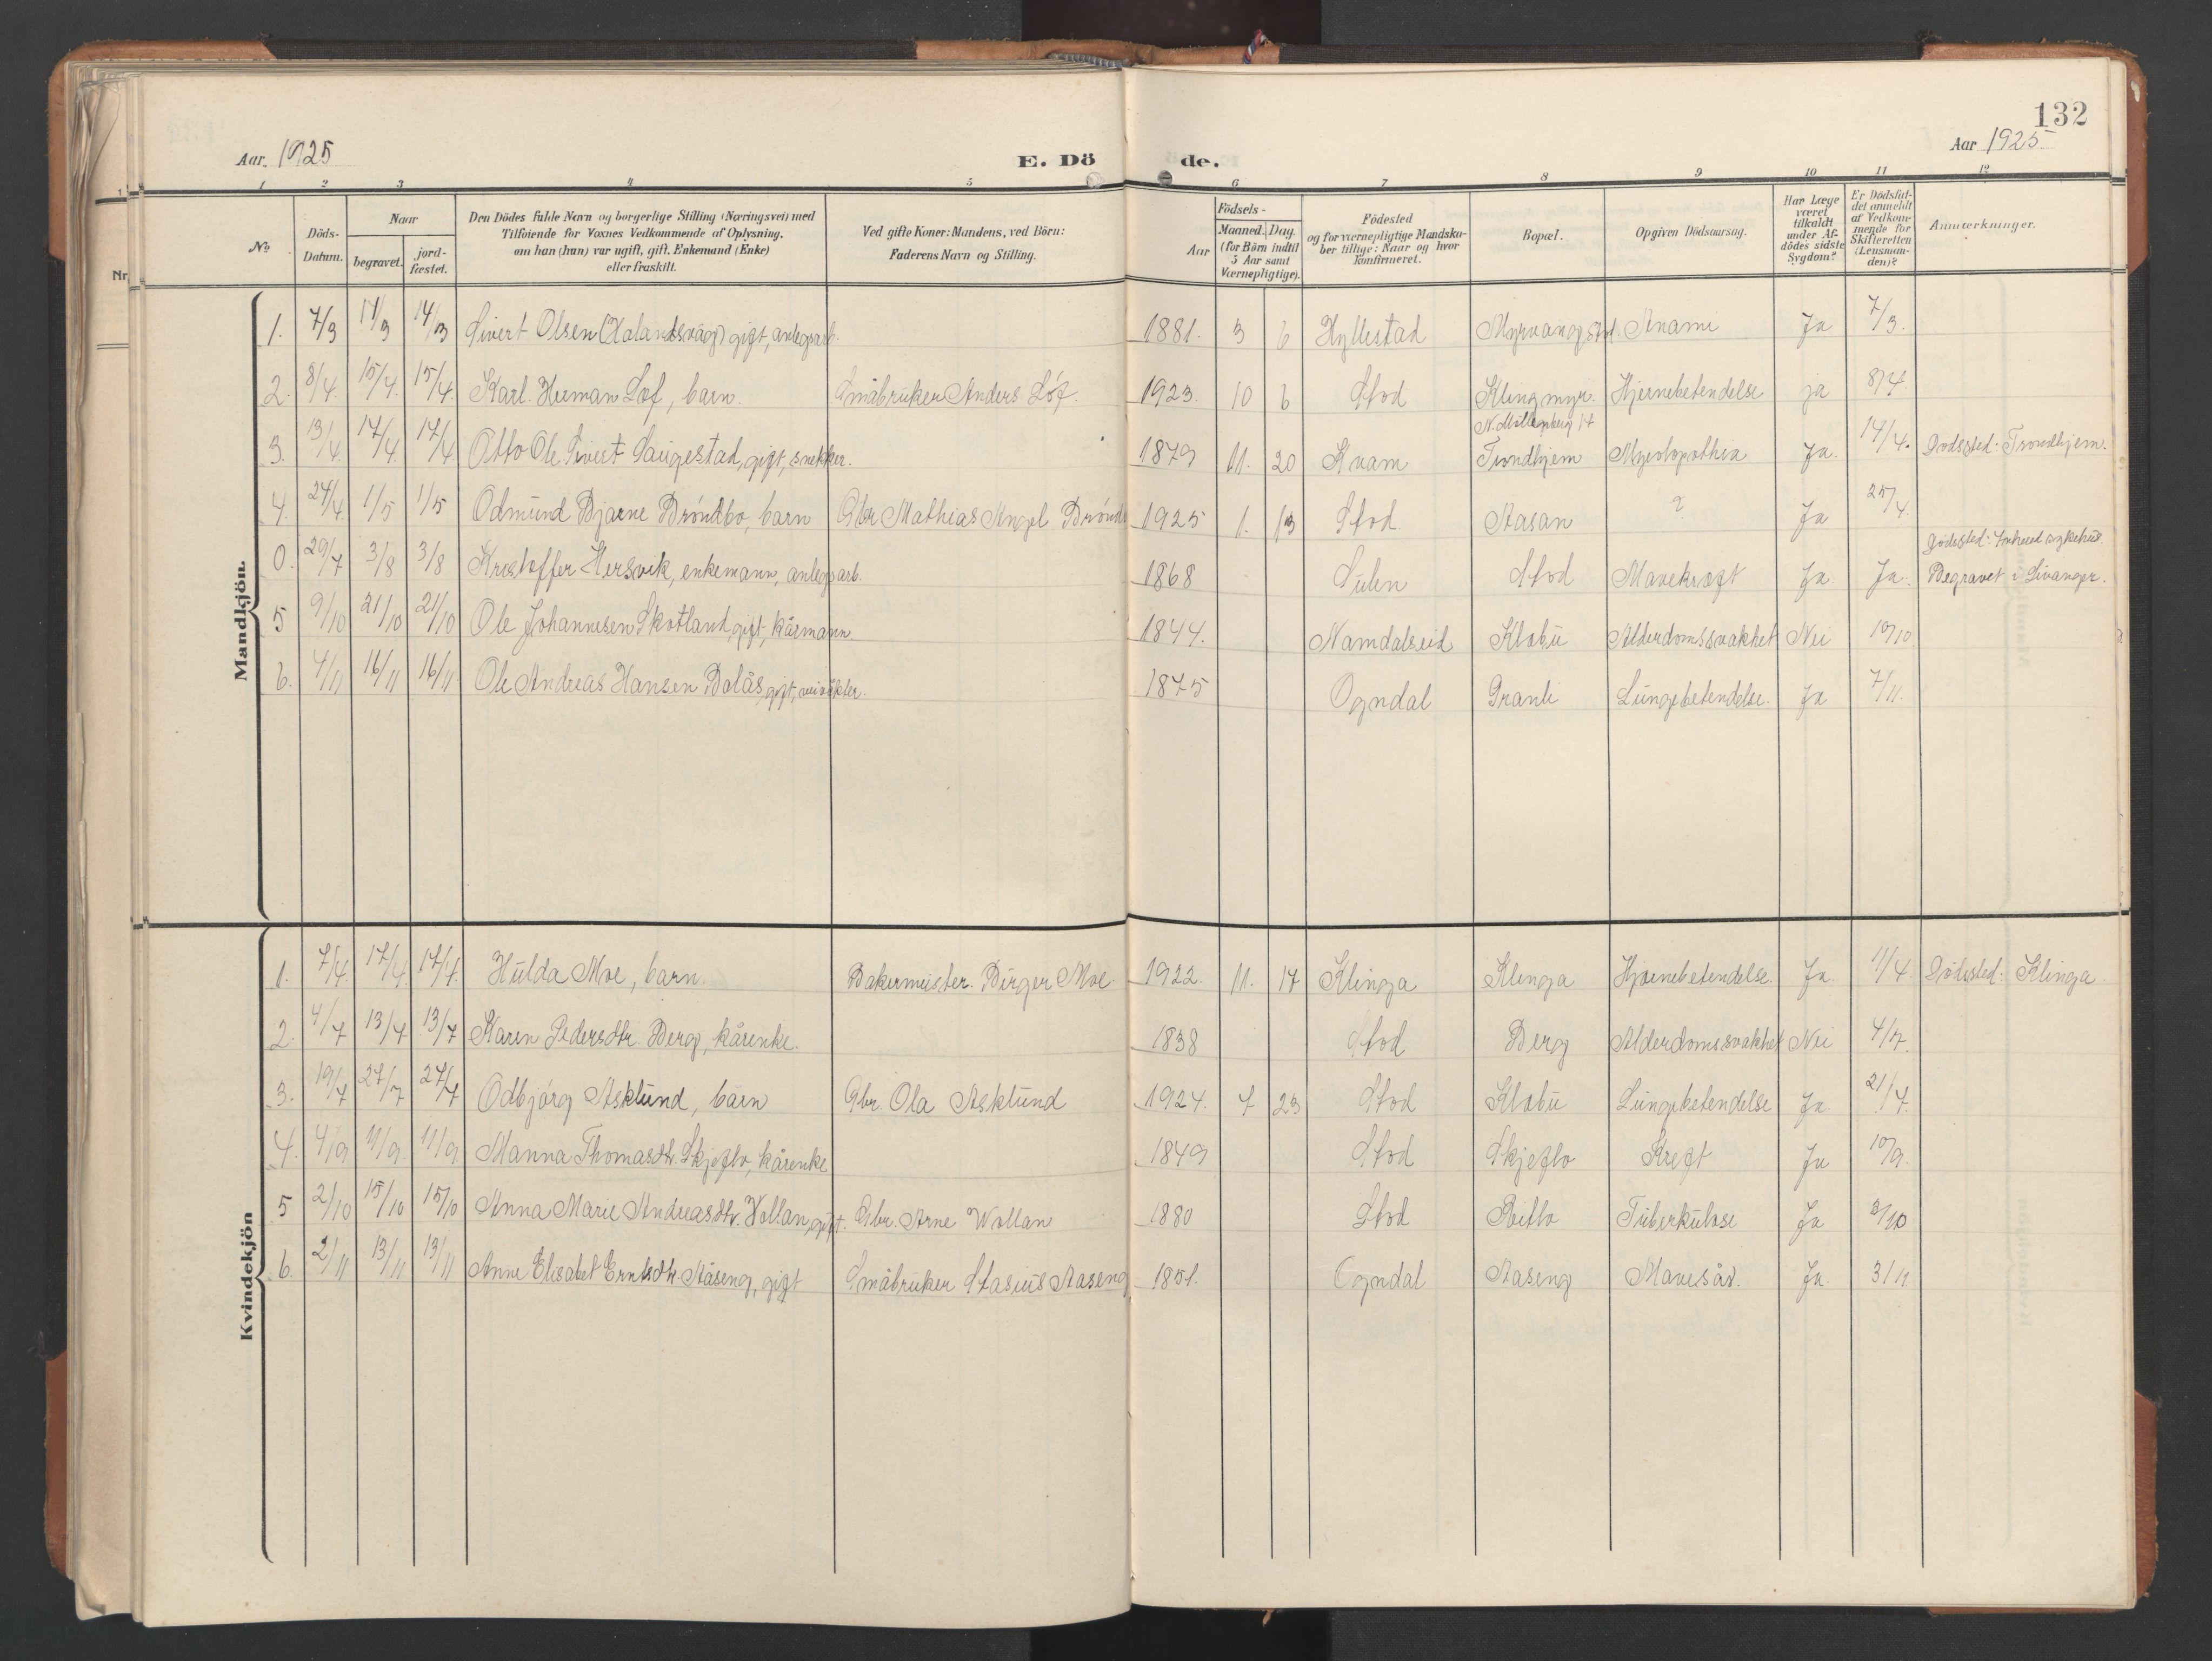 SAT, Ministerialprotokoller, klokkerbøker og fødselsregistre - Nord-Trøndelag, 746/L0455: Klokkerbok nr. 746C01, 1908-1933, s. 132